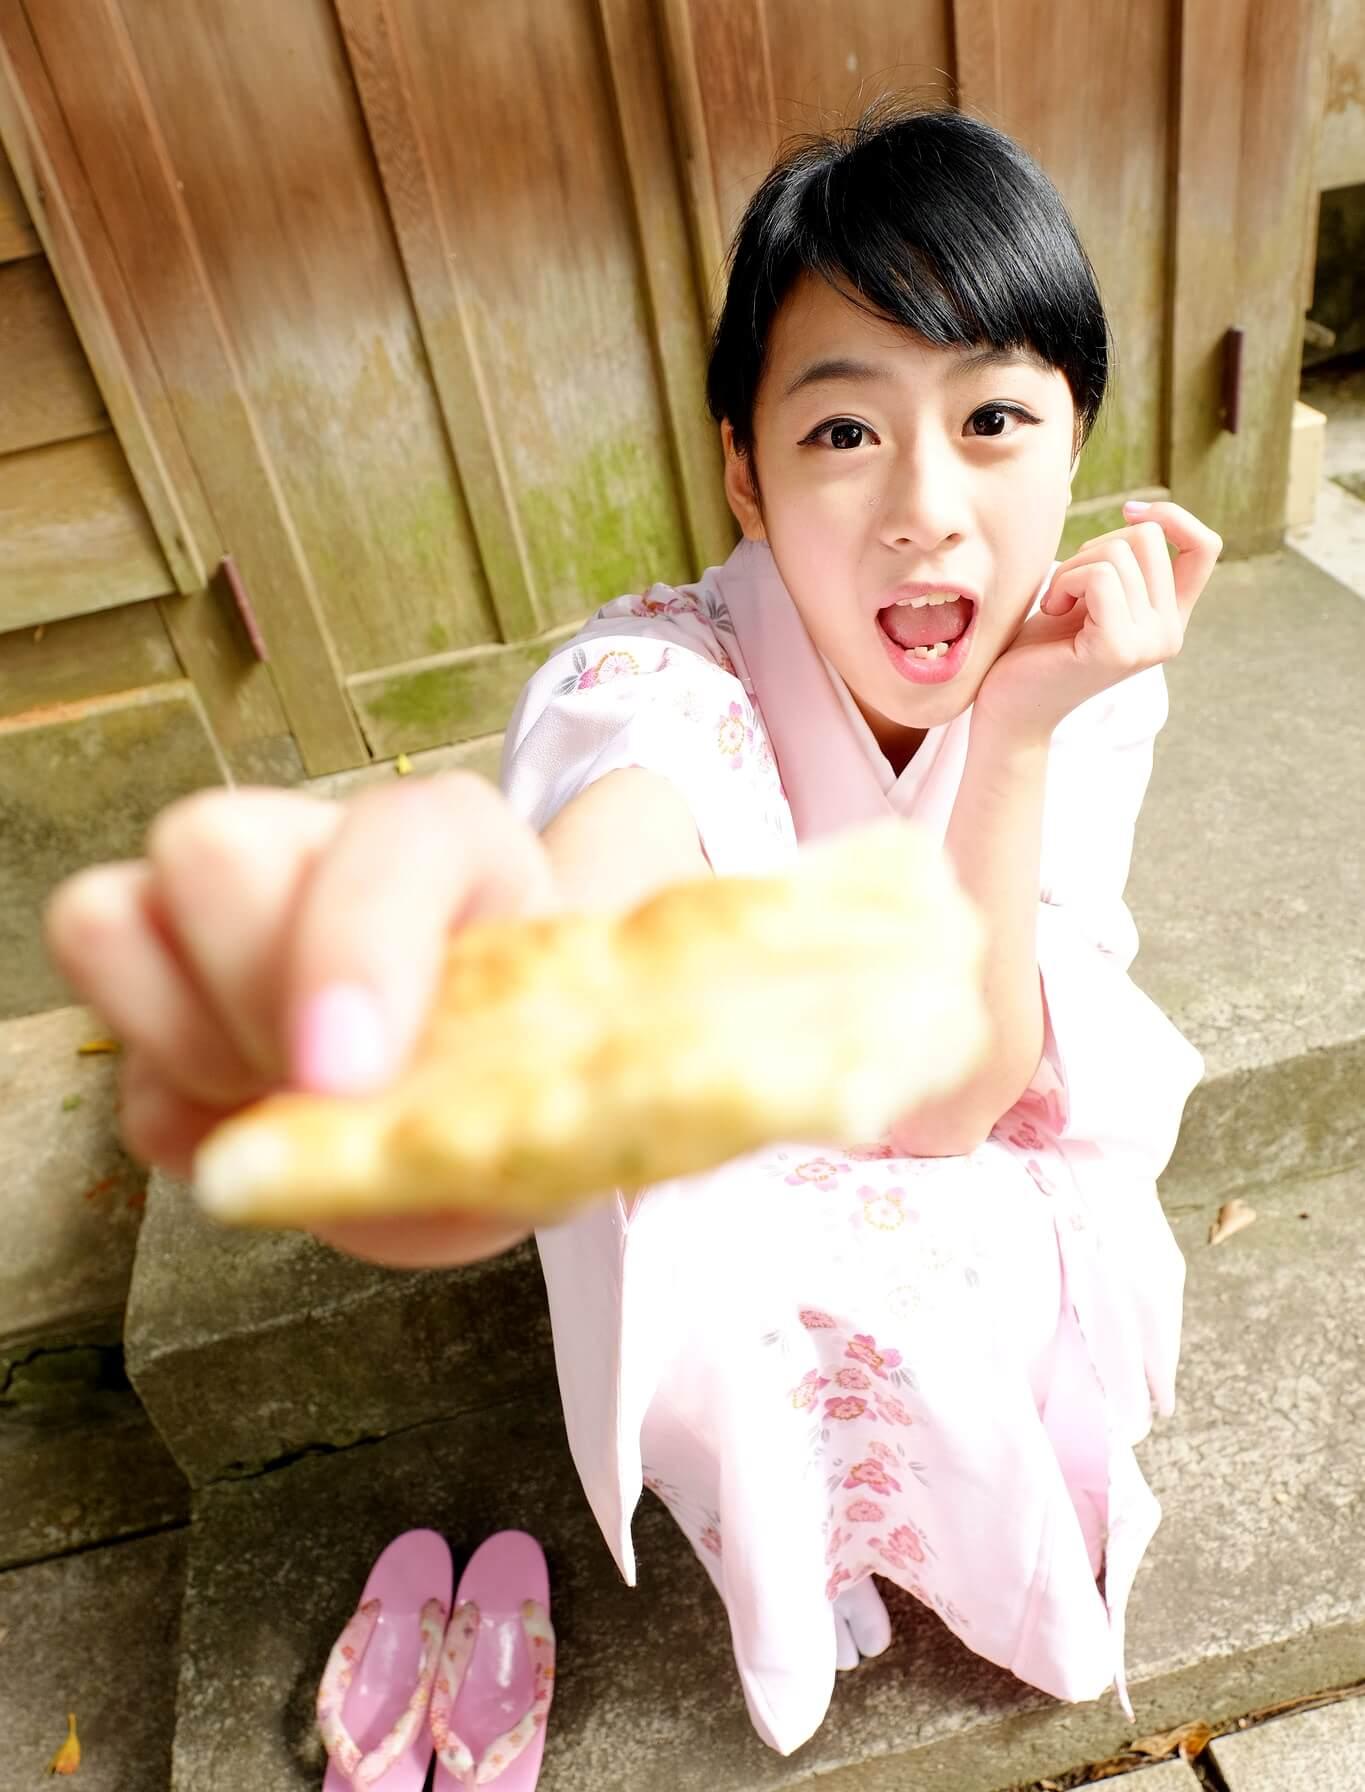 アジアン美少女のトロ汚舌 (5)